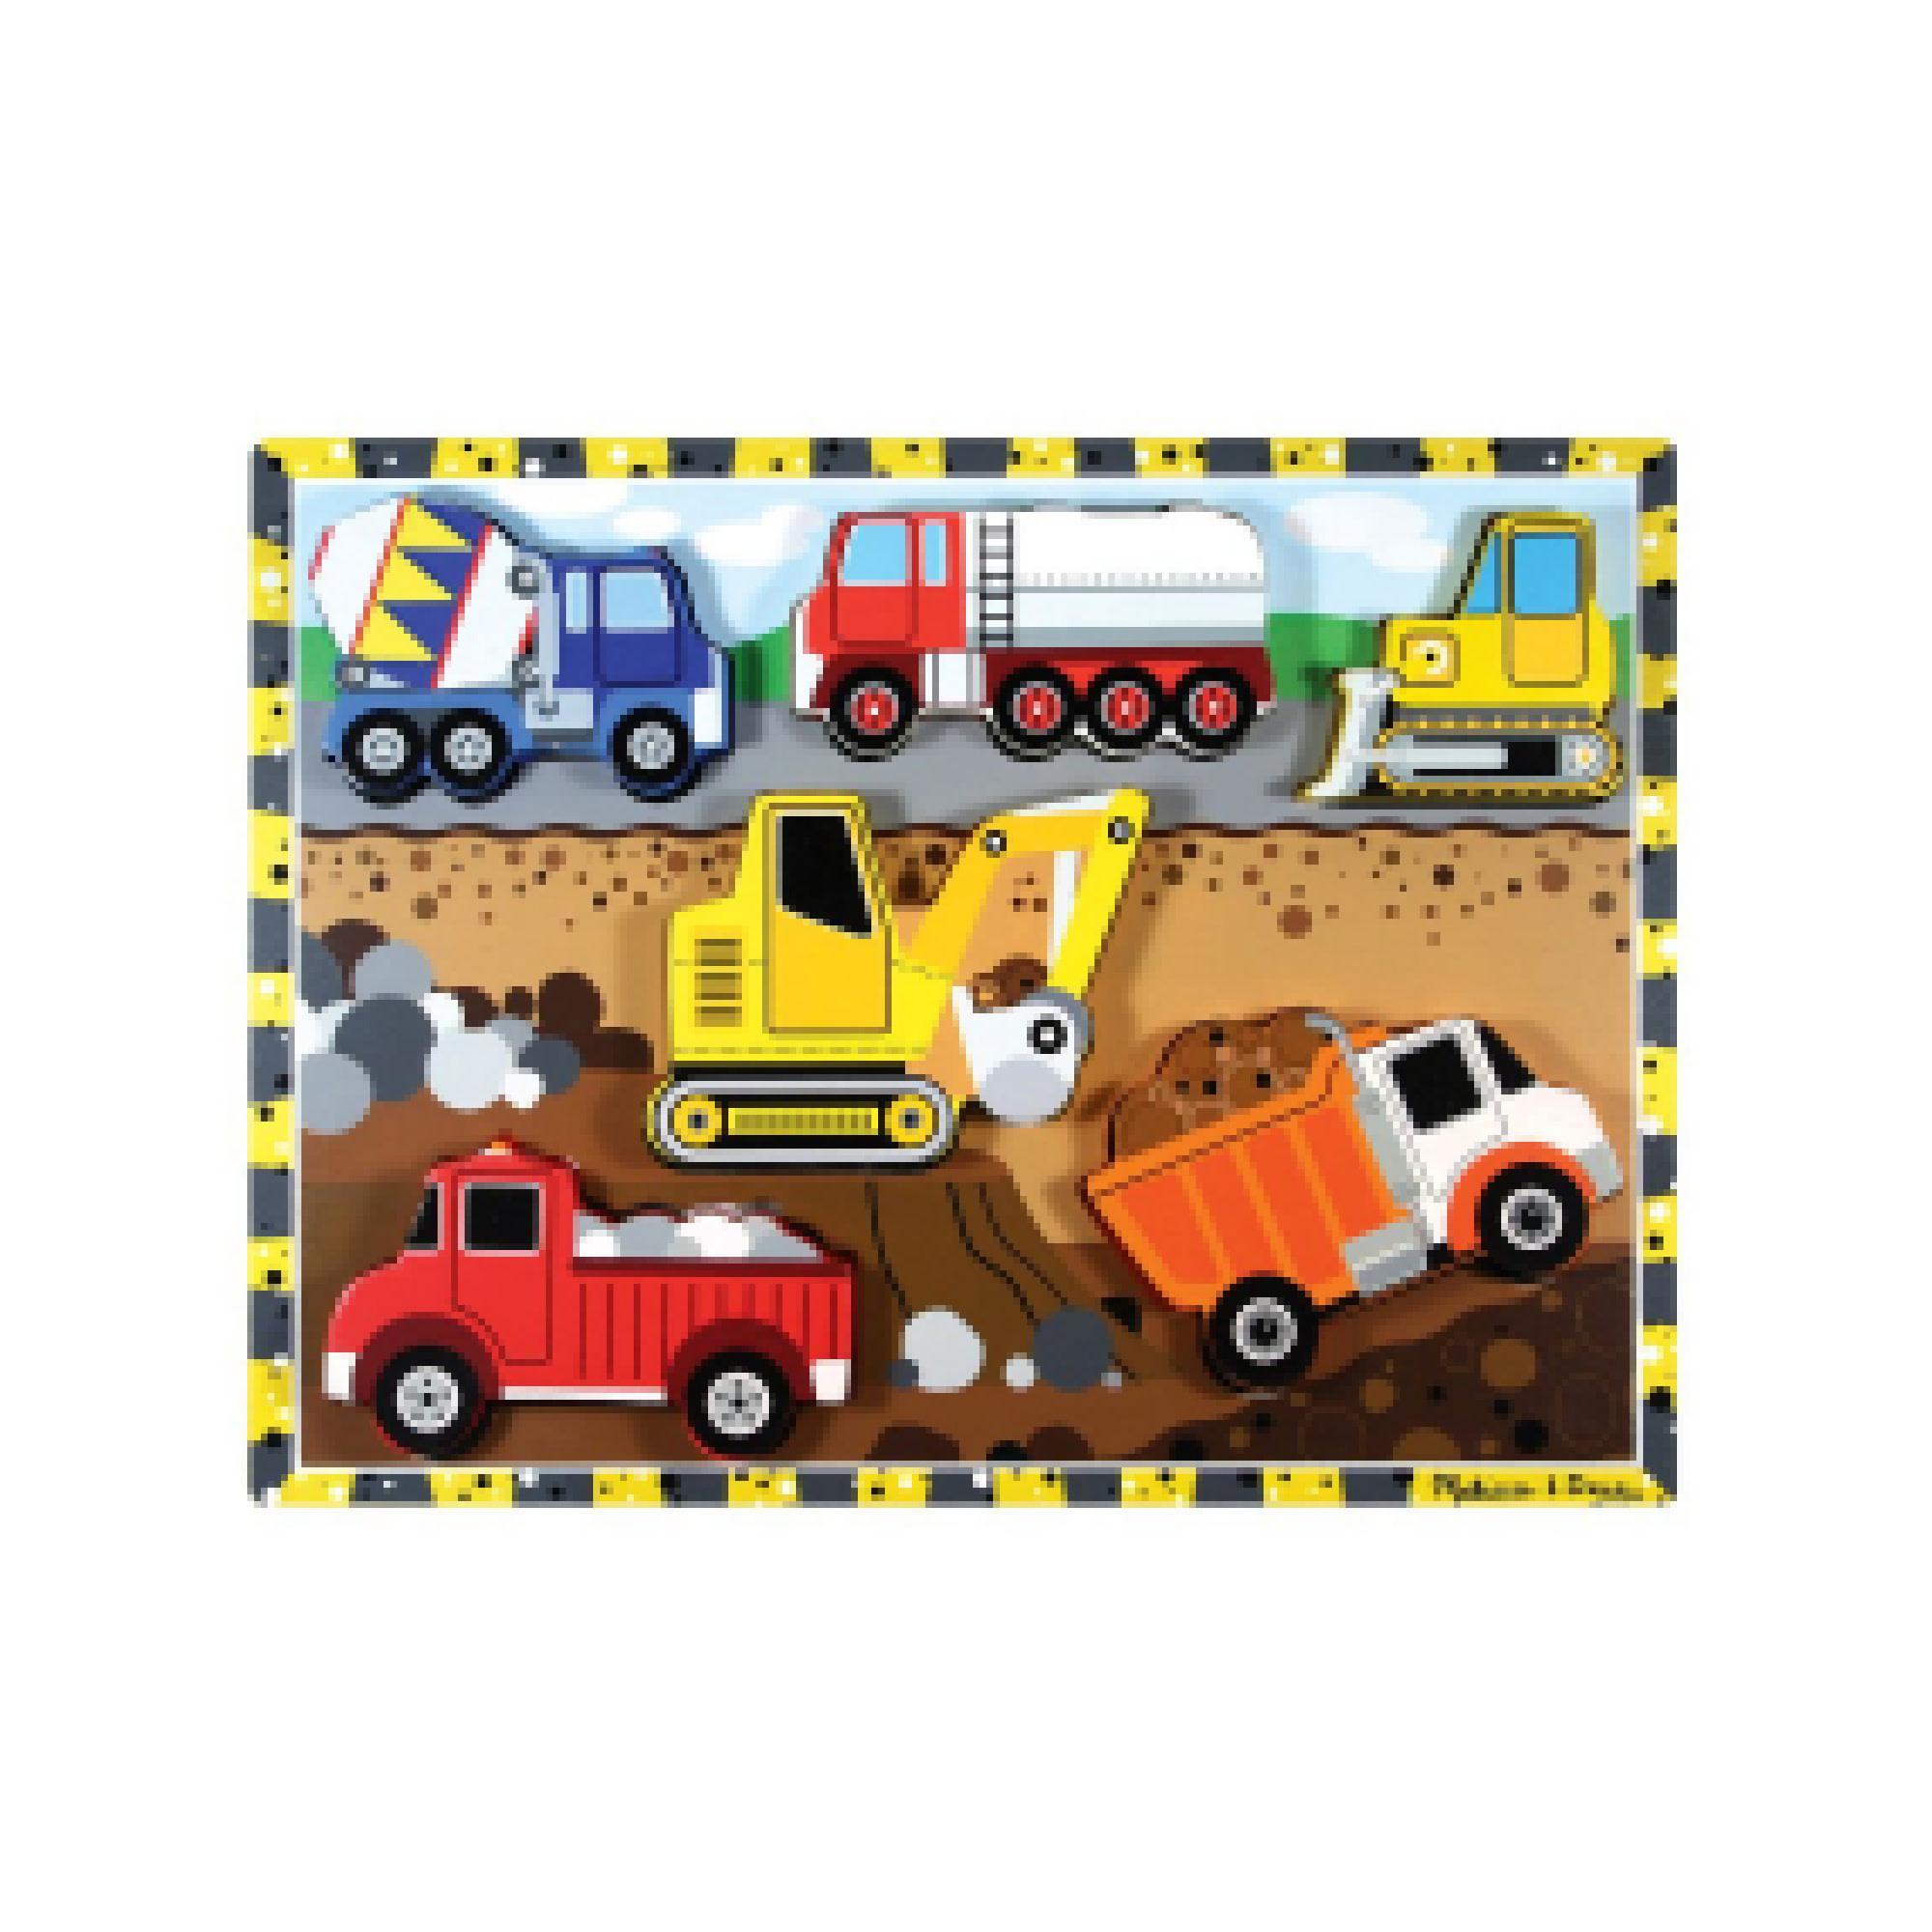 Melissa & Doug Construction Peg Puzzle